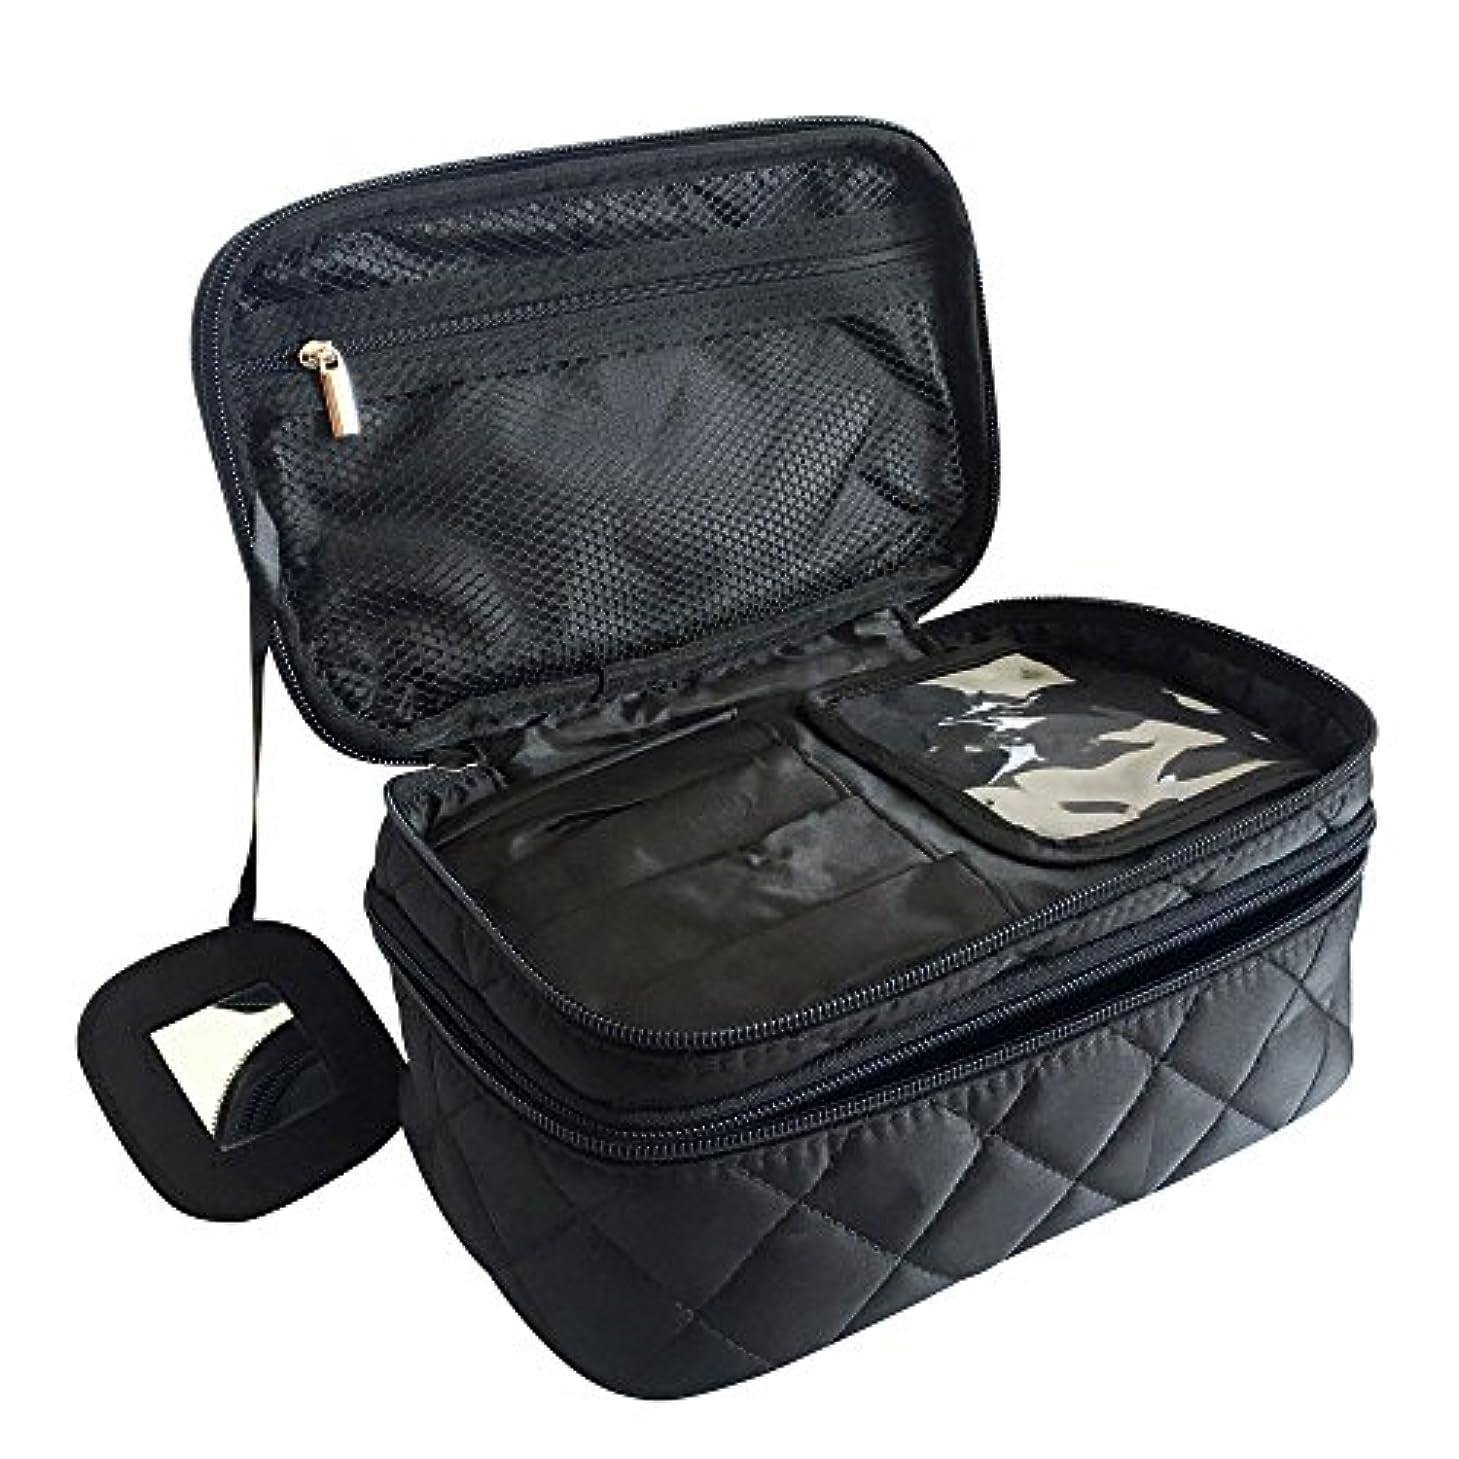 アナリストデータバンクONEGenug プロ用 メイクボックス 高品質 多機能 多容量 メイクブラシバッグ 収納ケース スーツケース?トラベルバッグ 化粧 バッグ メイクブラシ 化粧道具 小物入れ 23cm×14cm×10cm